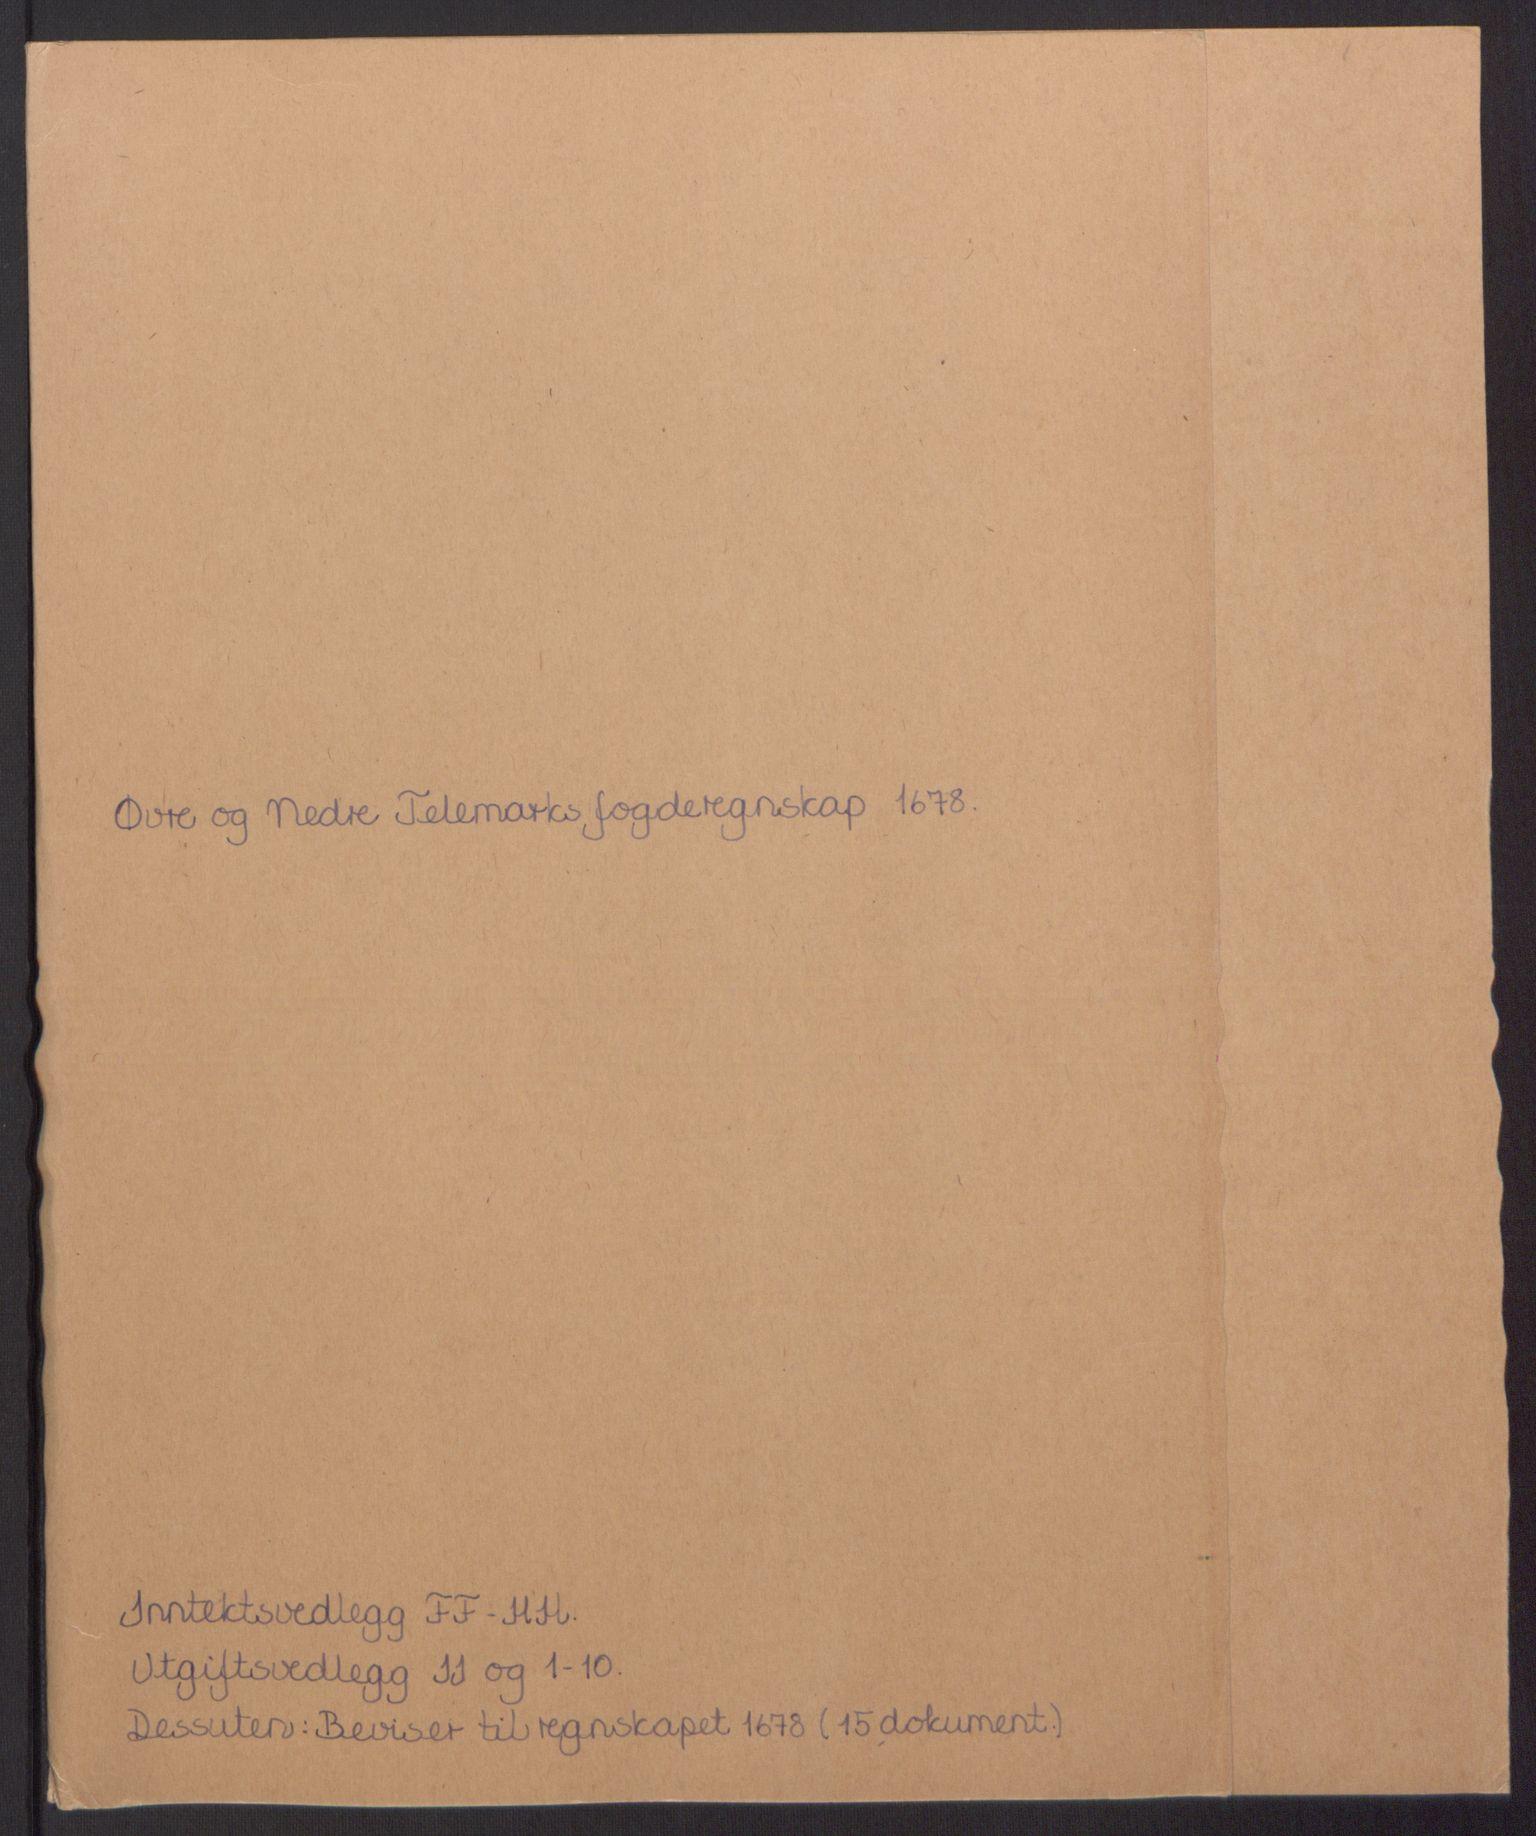 RA, Rentekammeret inntil 1814, Reviderte regnskaper, Fogderegnskap, R35/L2071: Fogderegnskap Øvre og Nedre Telemark, 1678, s. 2